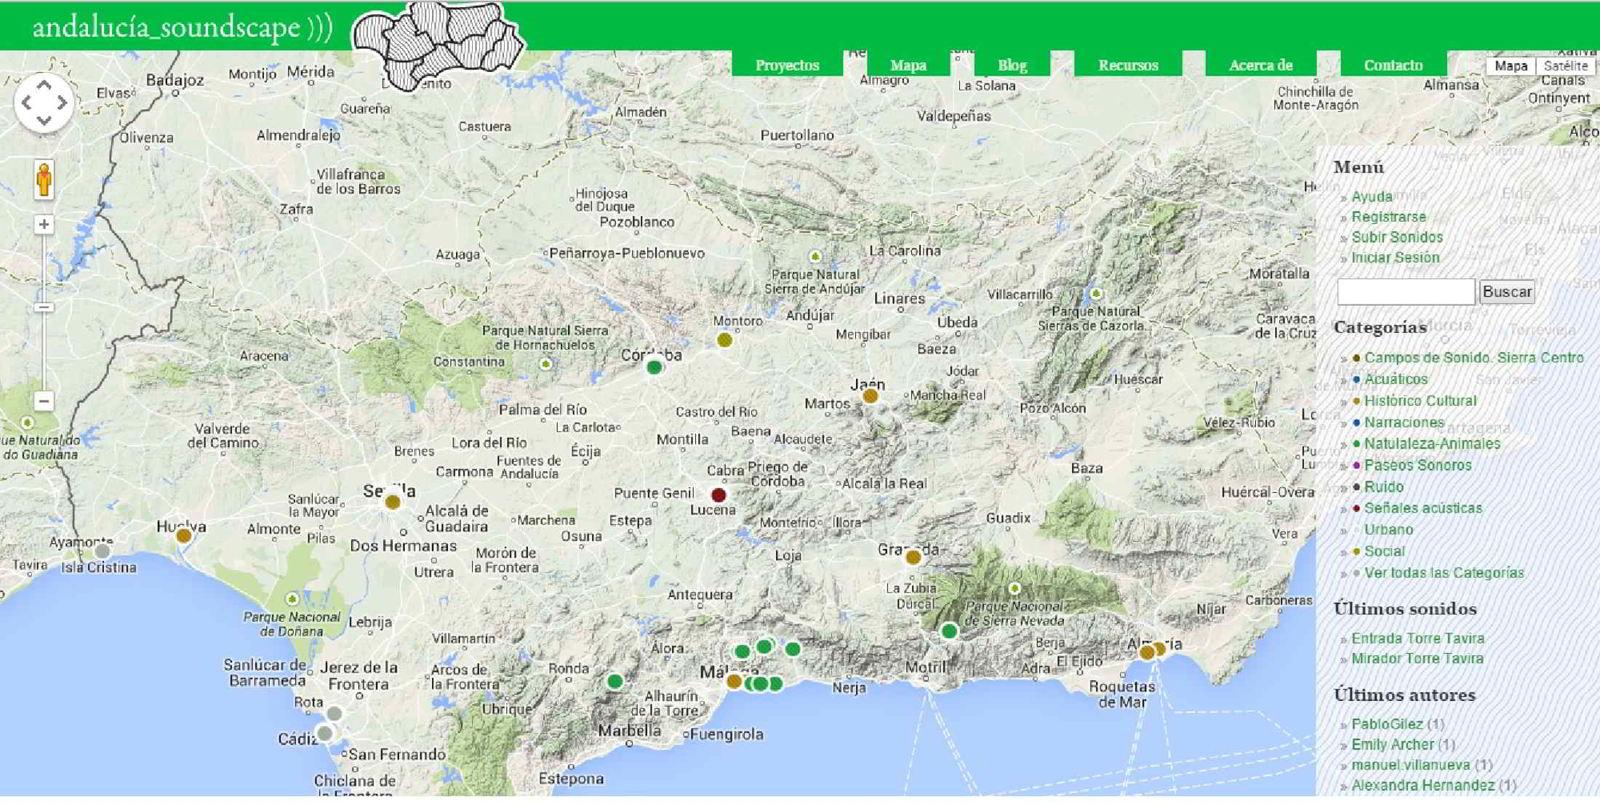 La importancia de los Paisajes y Mapas Sonoros en el mundo de la etnografía